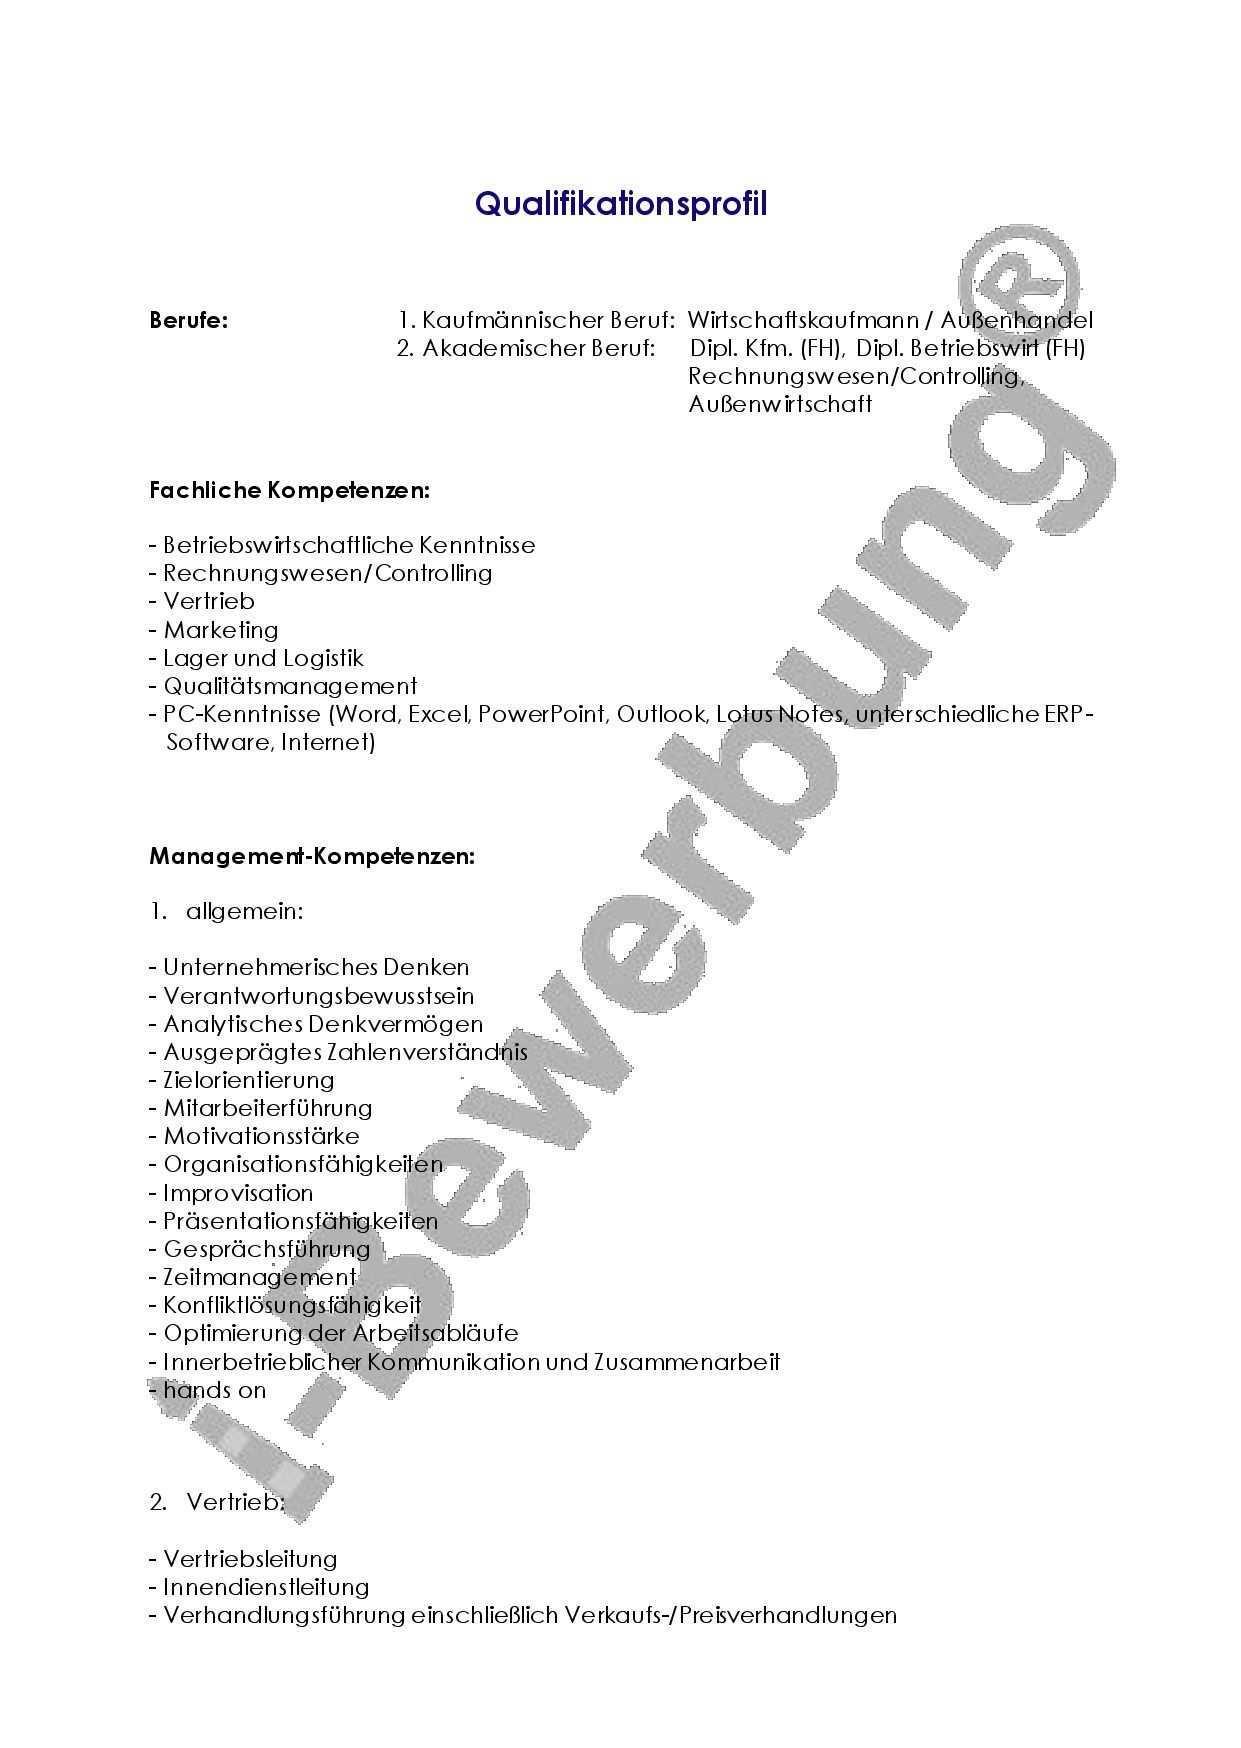 Beispiel Fur Die Erstellung Eines Qualifikationsprofils Stellenbewerbung Profil Kenntnisse